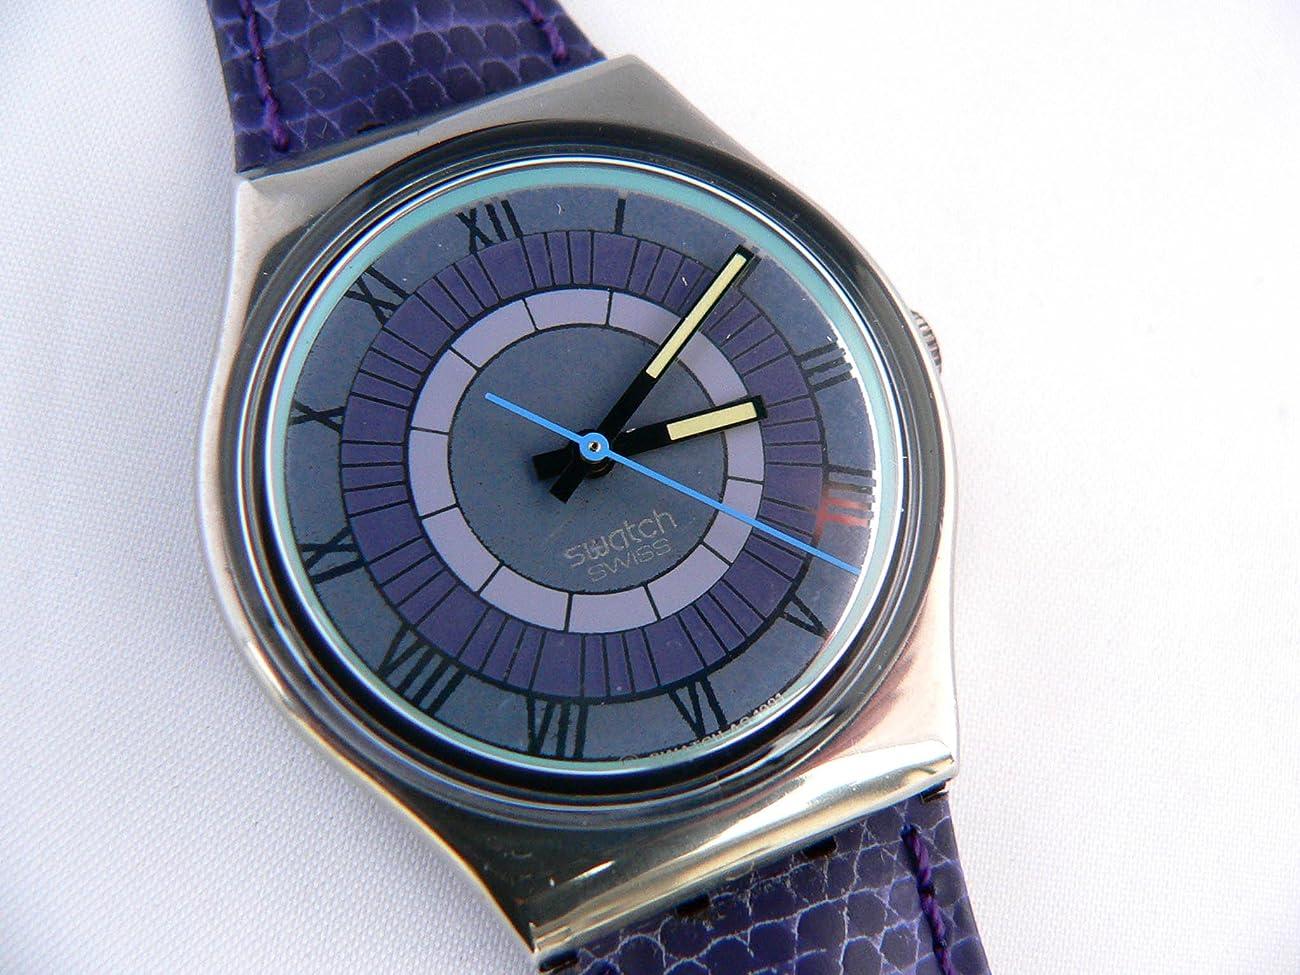 1992 Vintage Swatch Watch Alexander GX123. 0